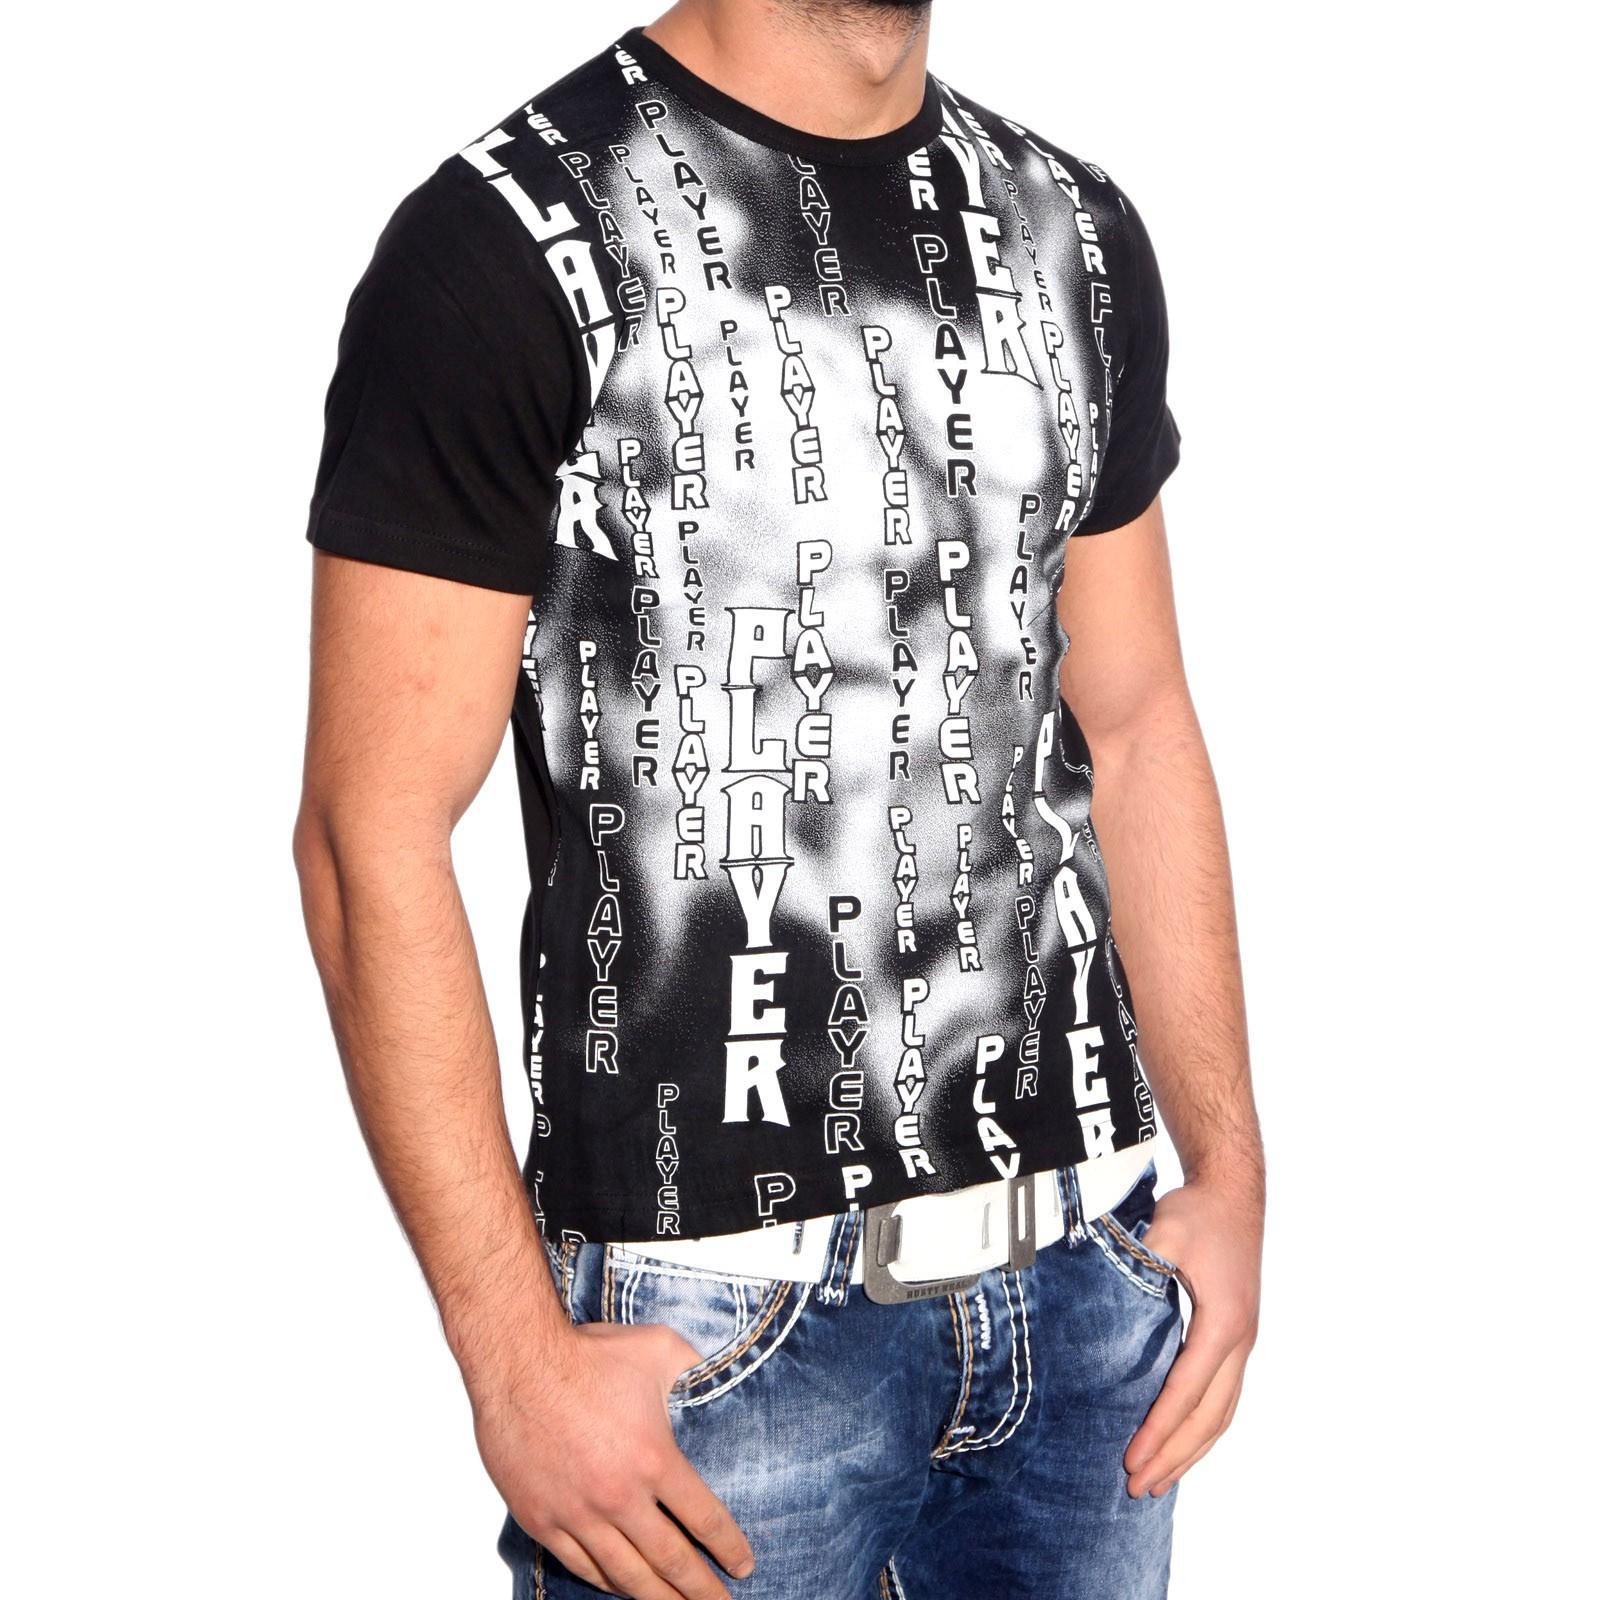 Bring UP Kurzarm Slim Fit Herren Rundhals Shirt Motiv T-Shirt Schwarz BU-3668